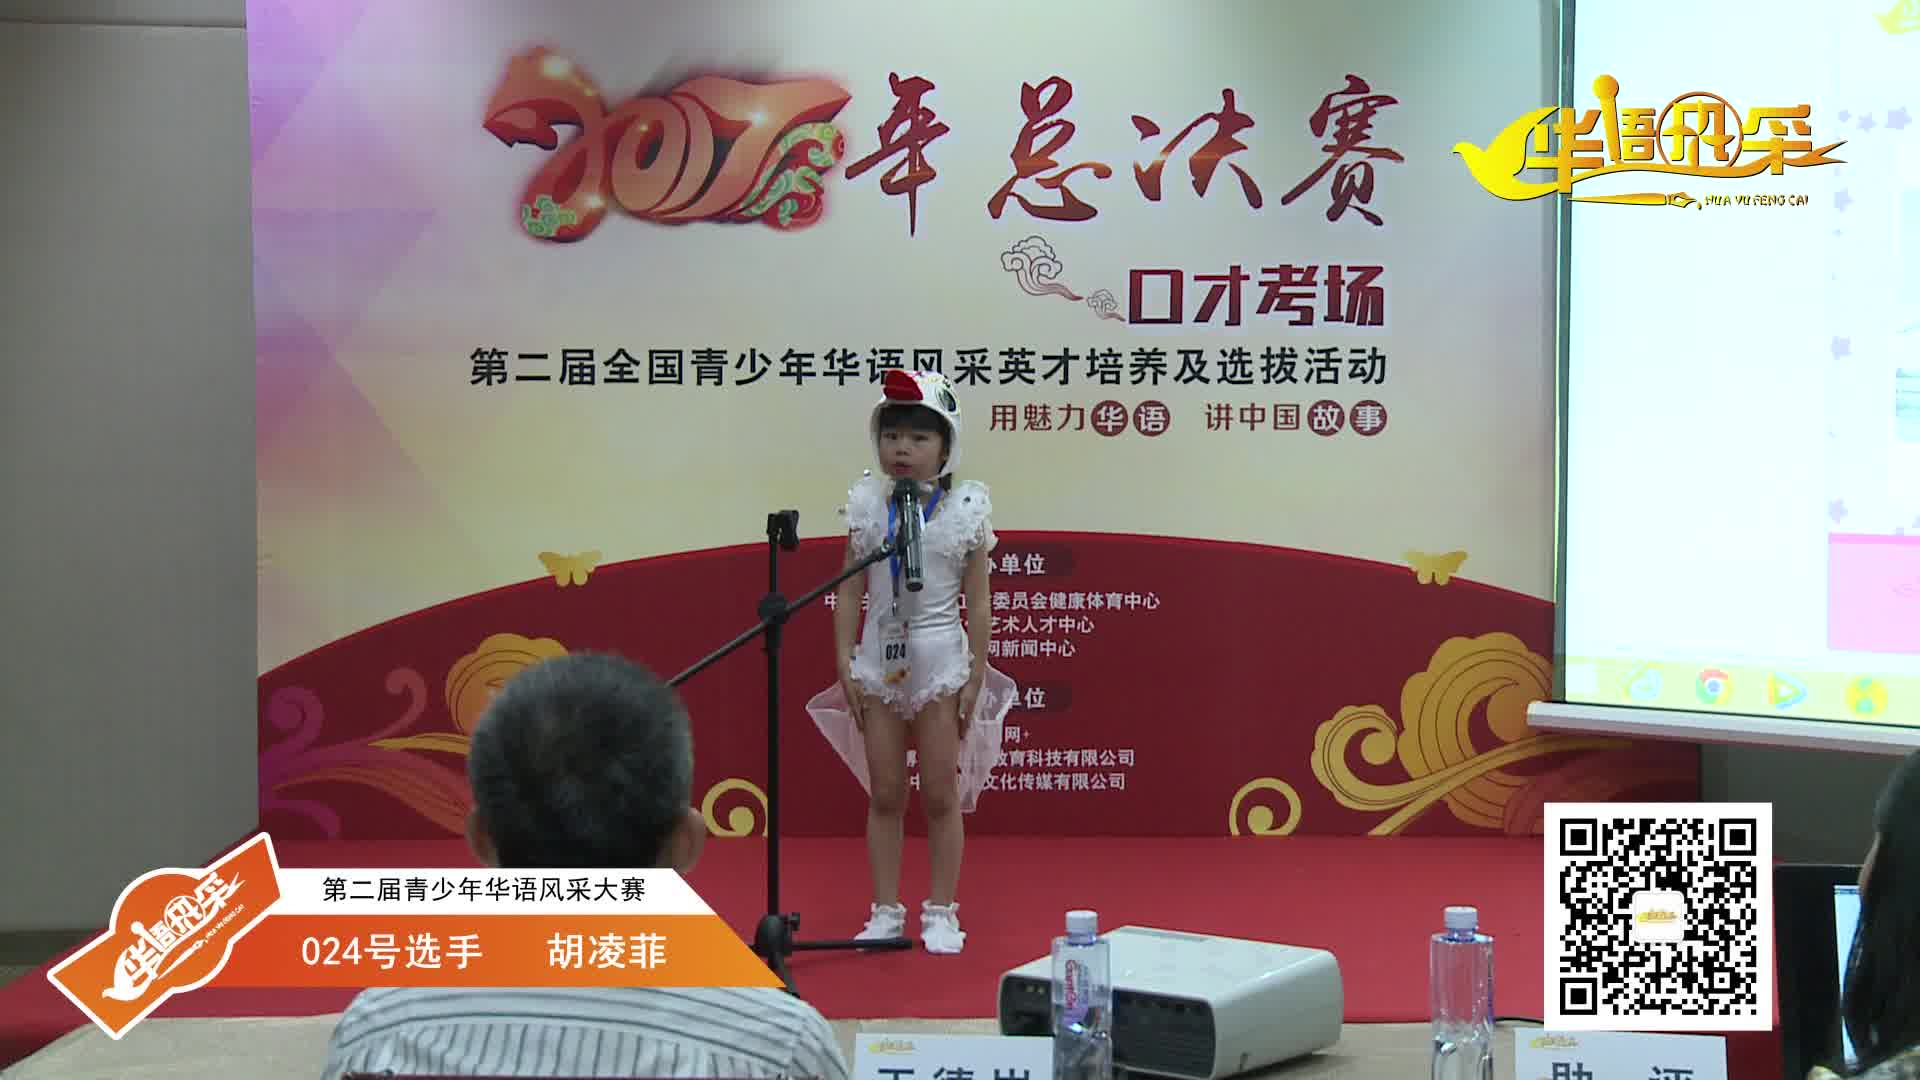 024号选手:胡凌菲